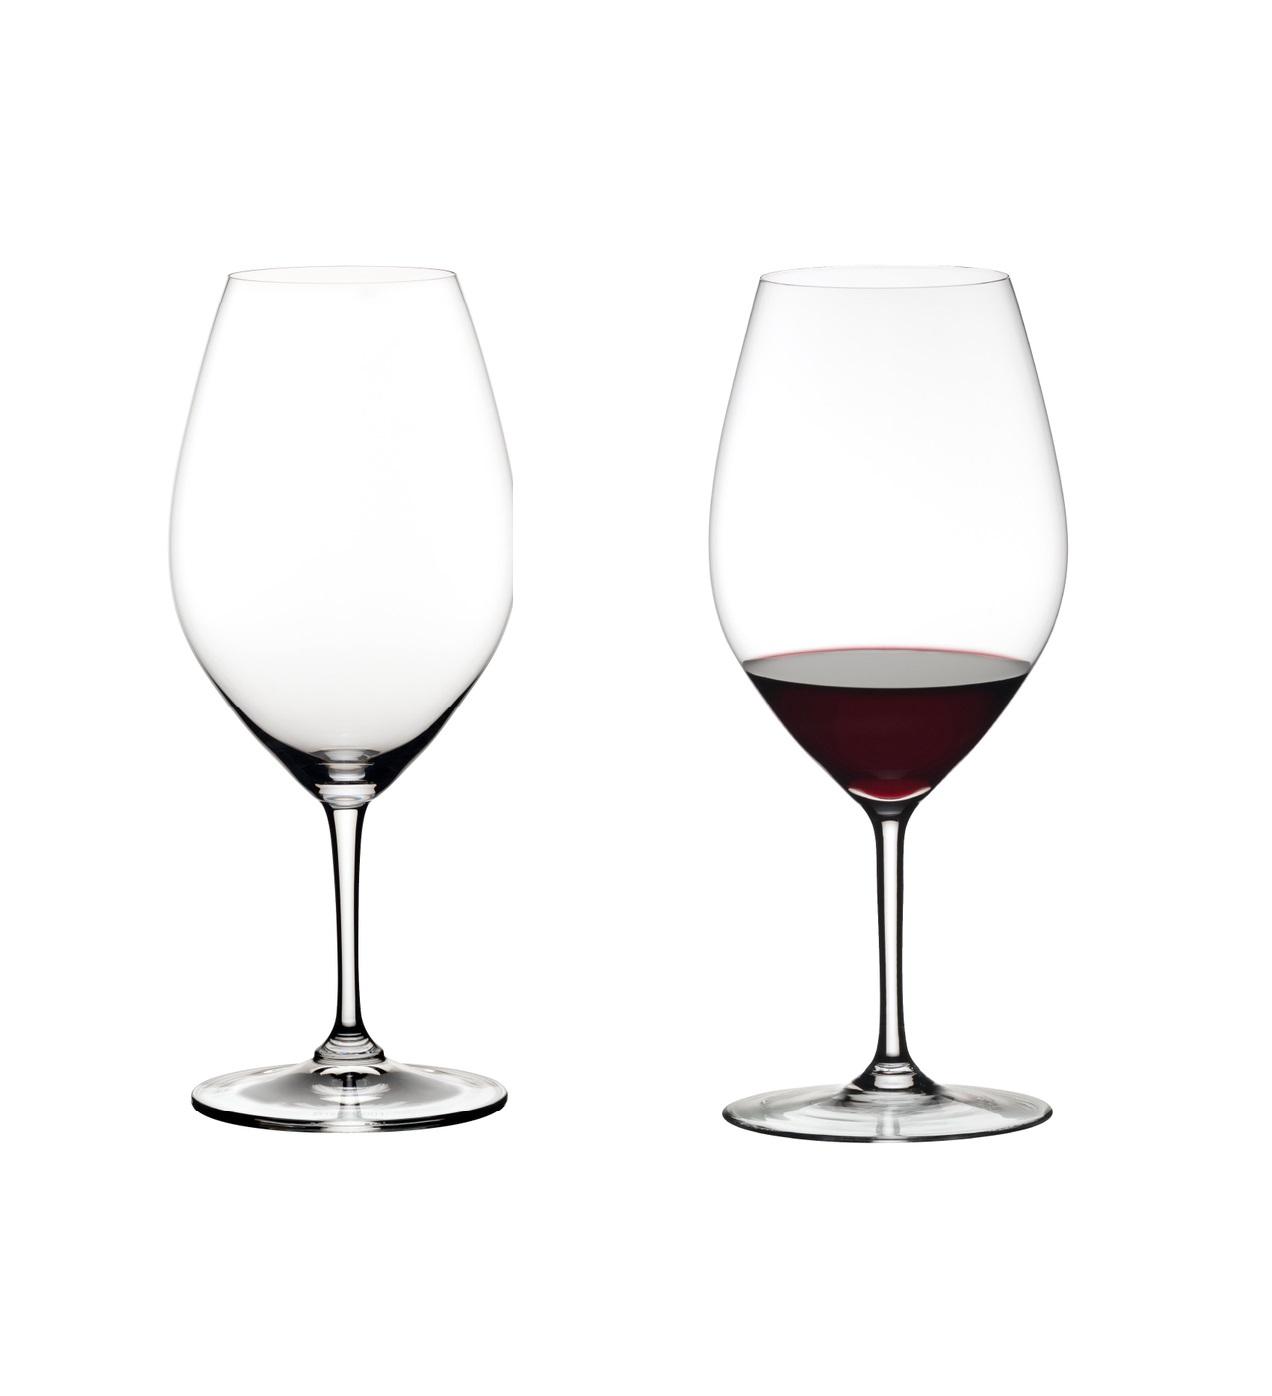 Онлайн каталог PROMENU: Набор бокалов для красного вина DOUBLE MAGNUM Riedel OUVERTURE, объем 0,995 л, высота 26,1 см, прозрачный, 2 штуки                               6408/01